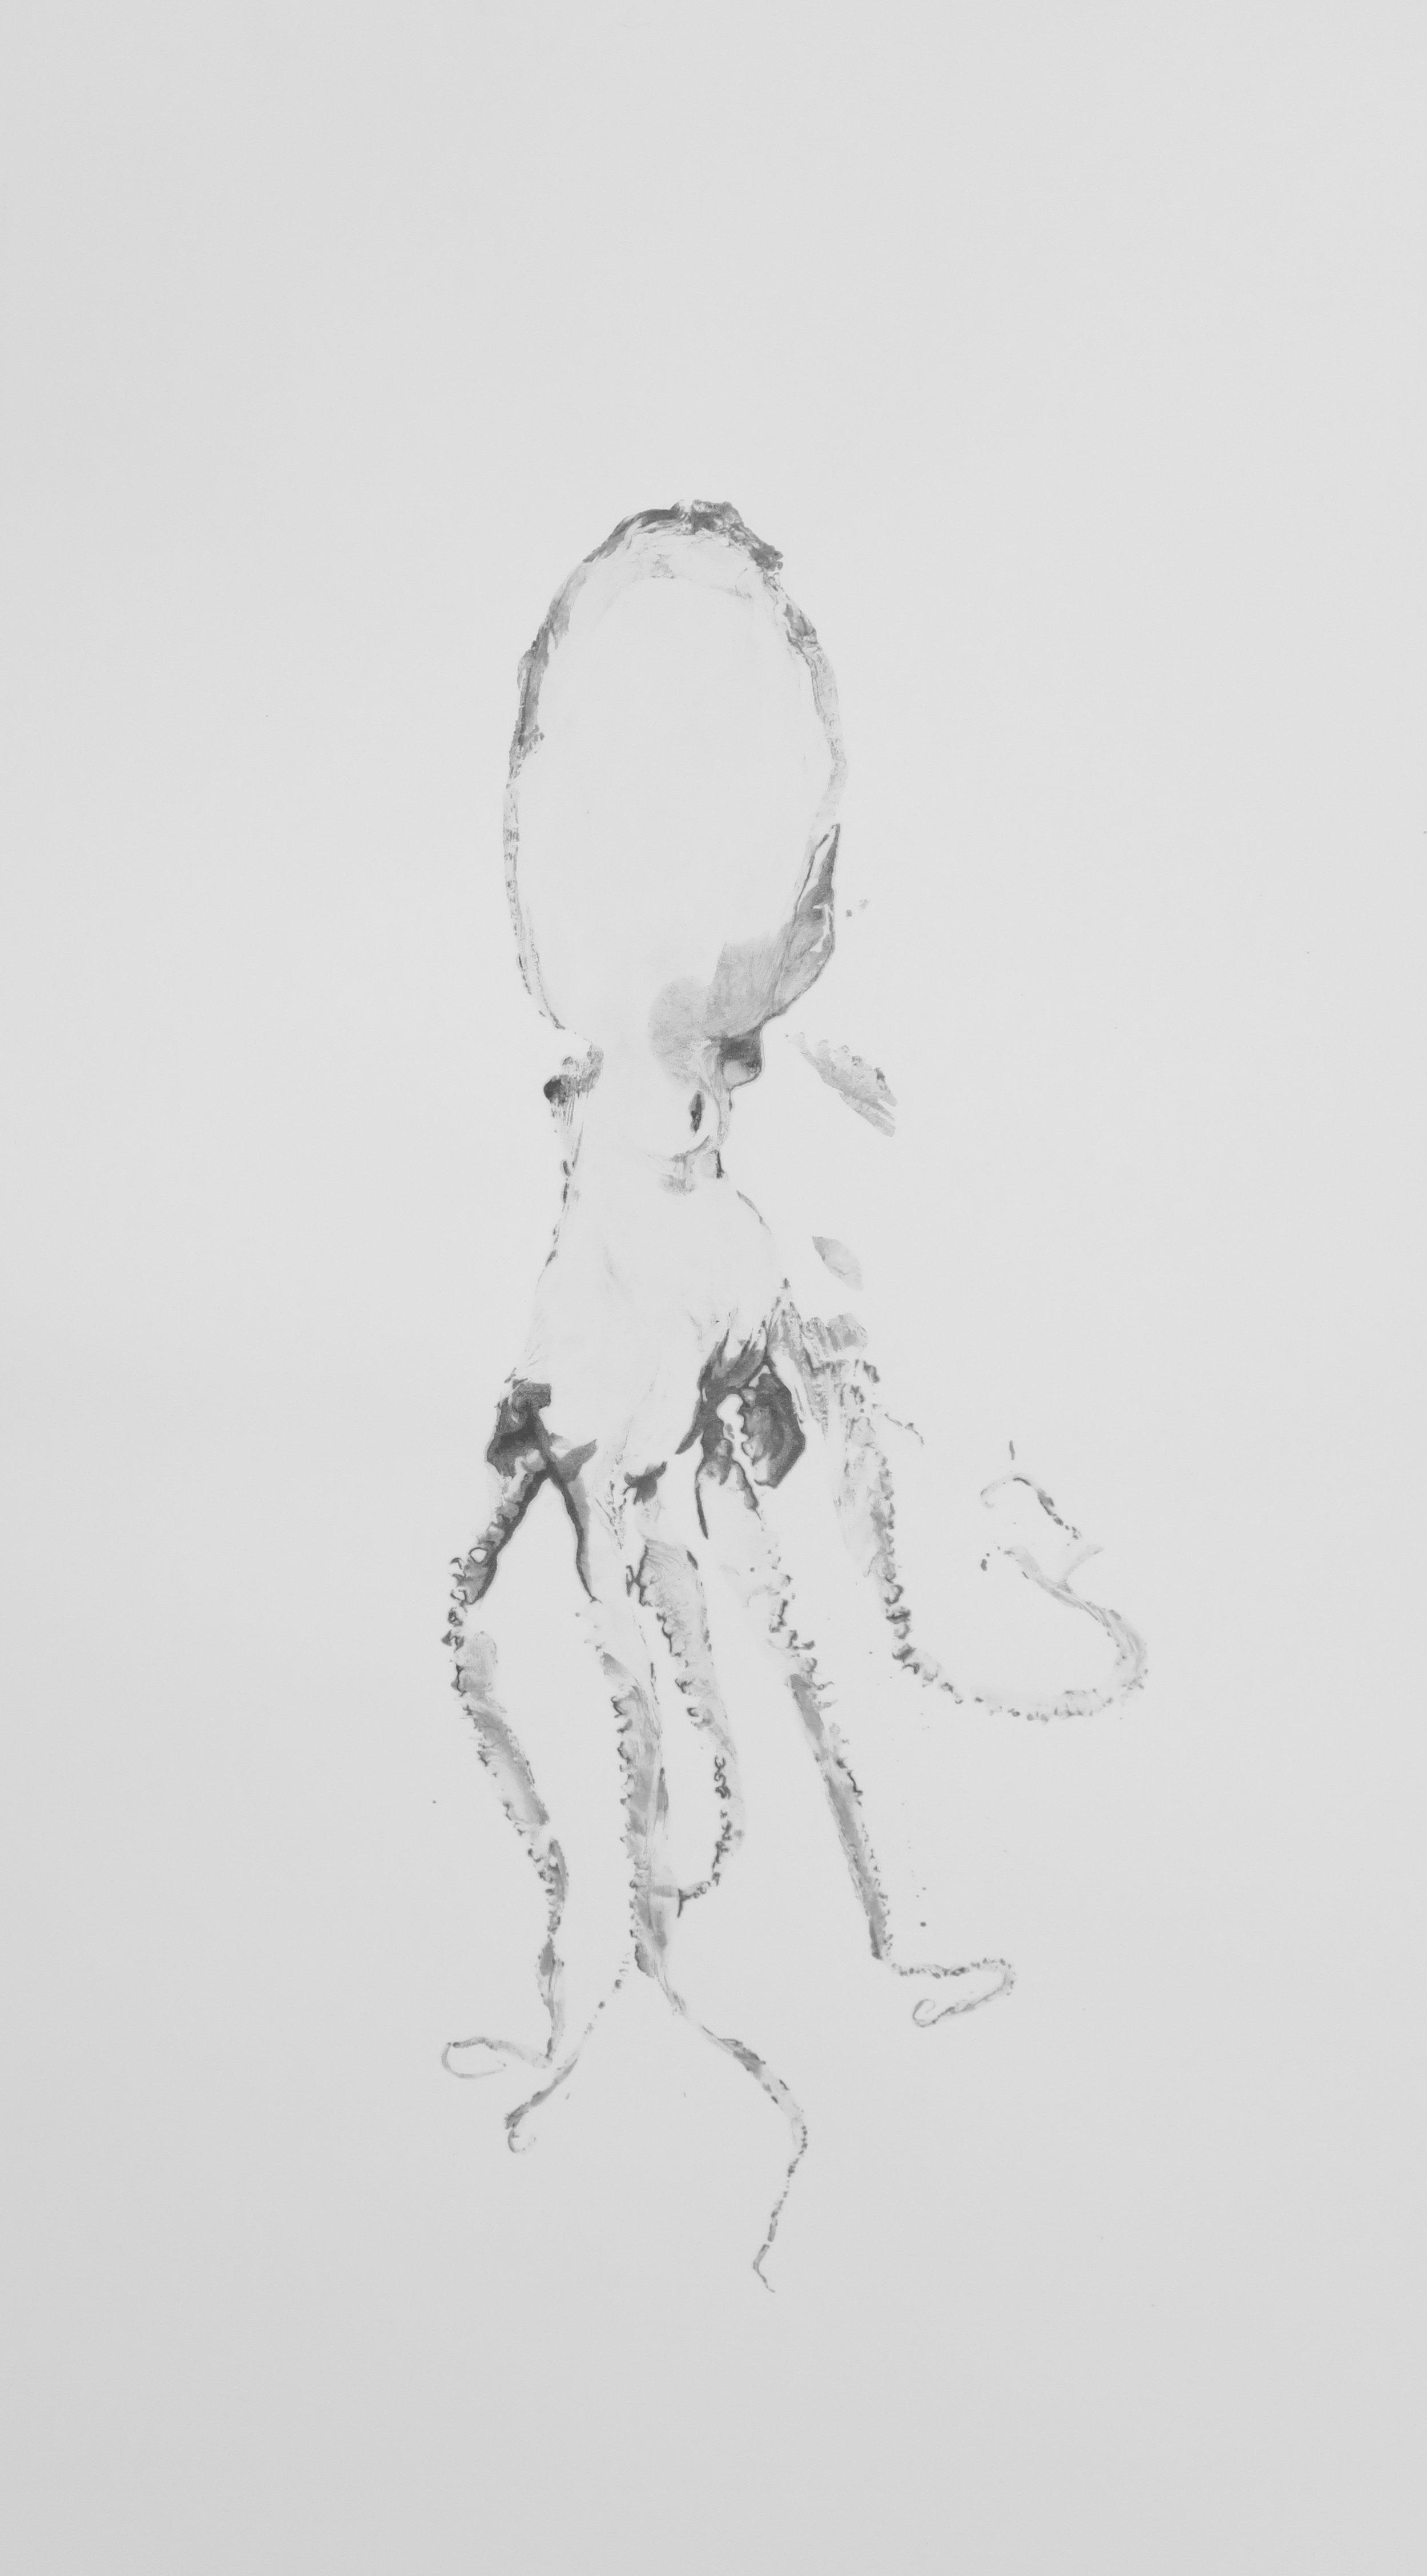 Douglas White,  Octopus 17 , 2016. Encre de poulpe sur papier buvard, 85,1 cm x 55,1 cm